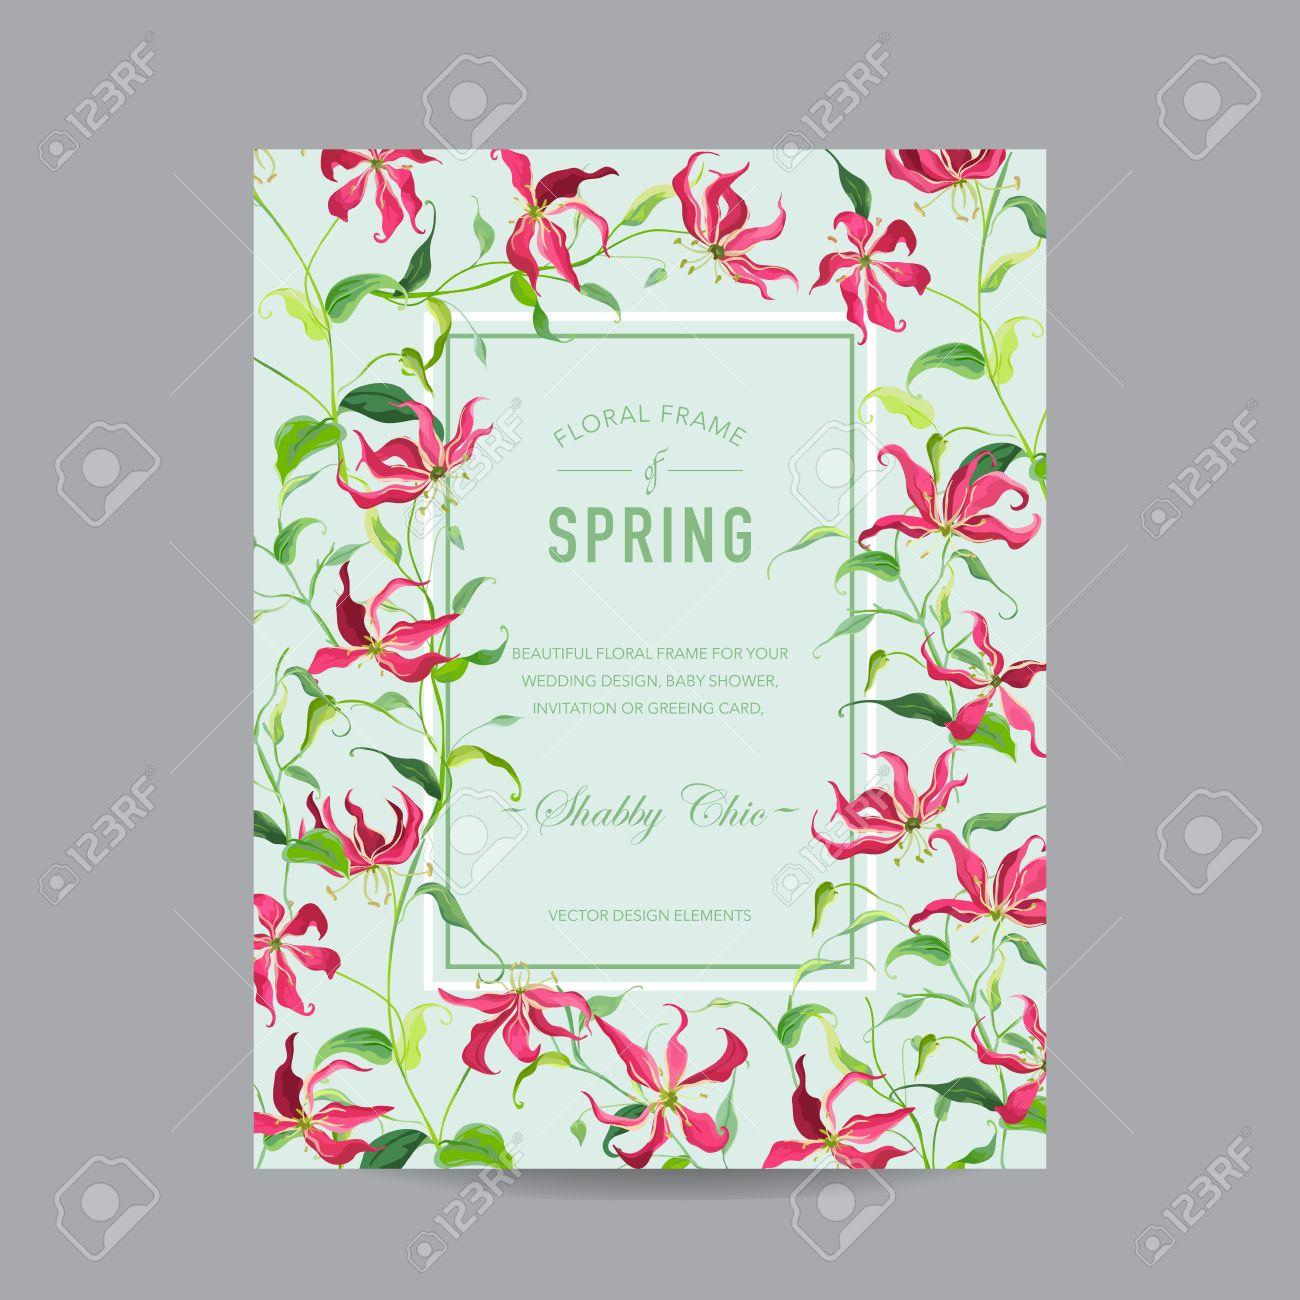 Tropische Blumen Bunte Rahmen - Für Einladung, Hochzeit, Baby-Dusche ...